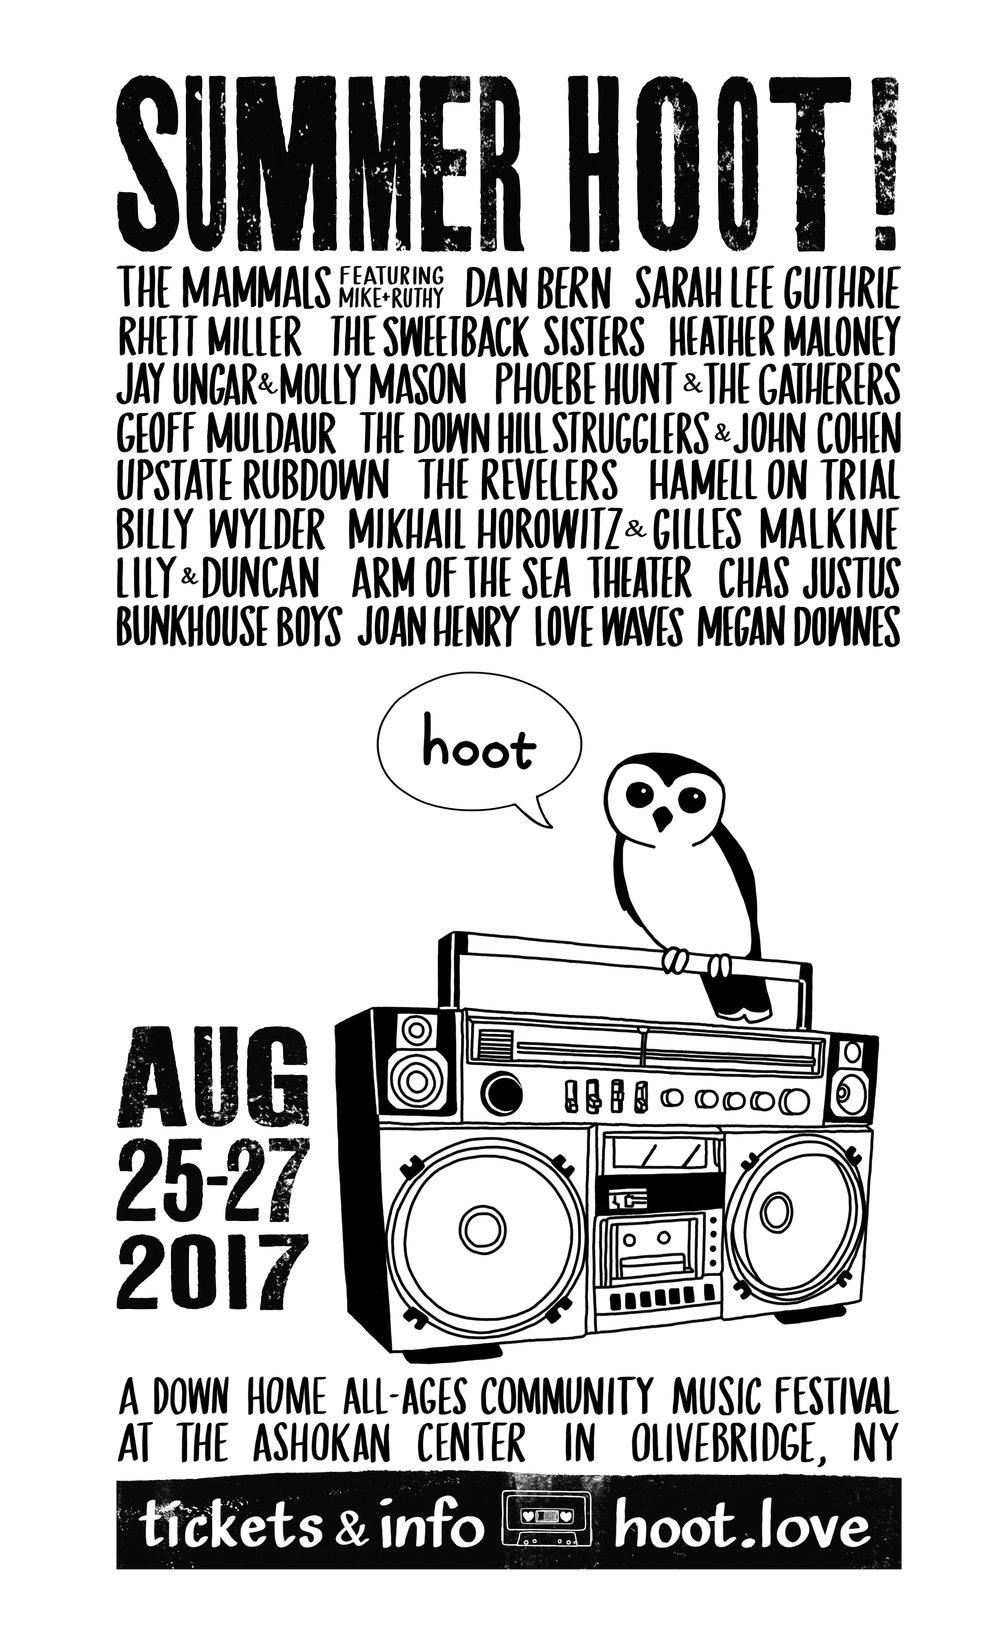 summerhoot2017